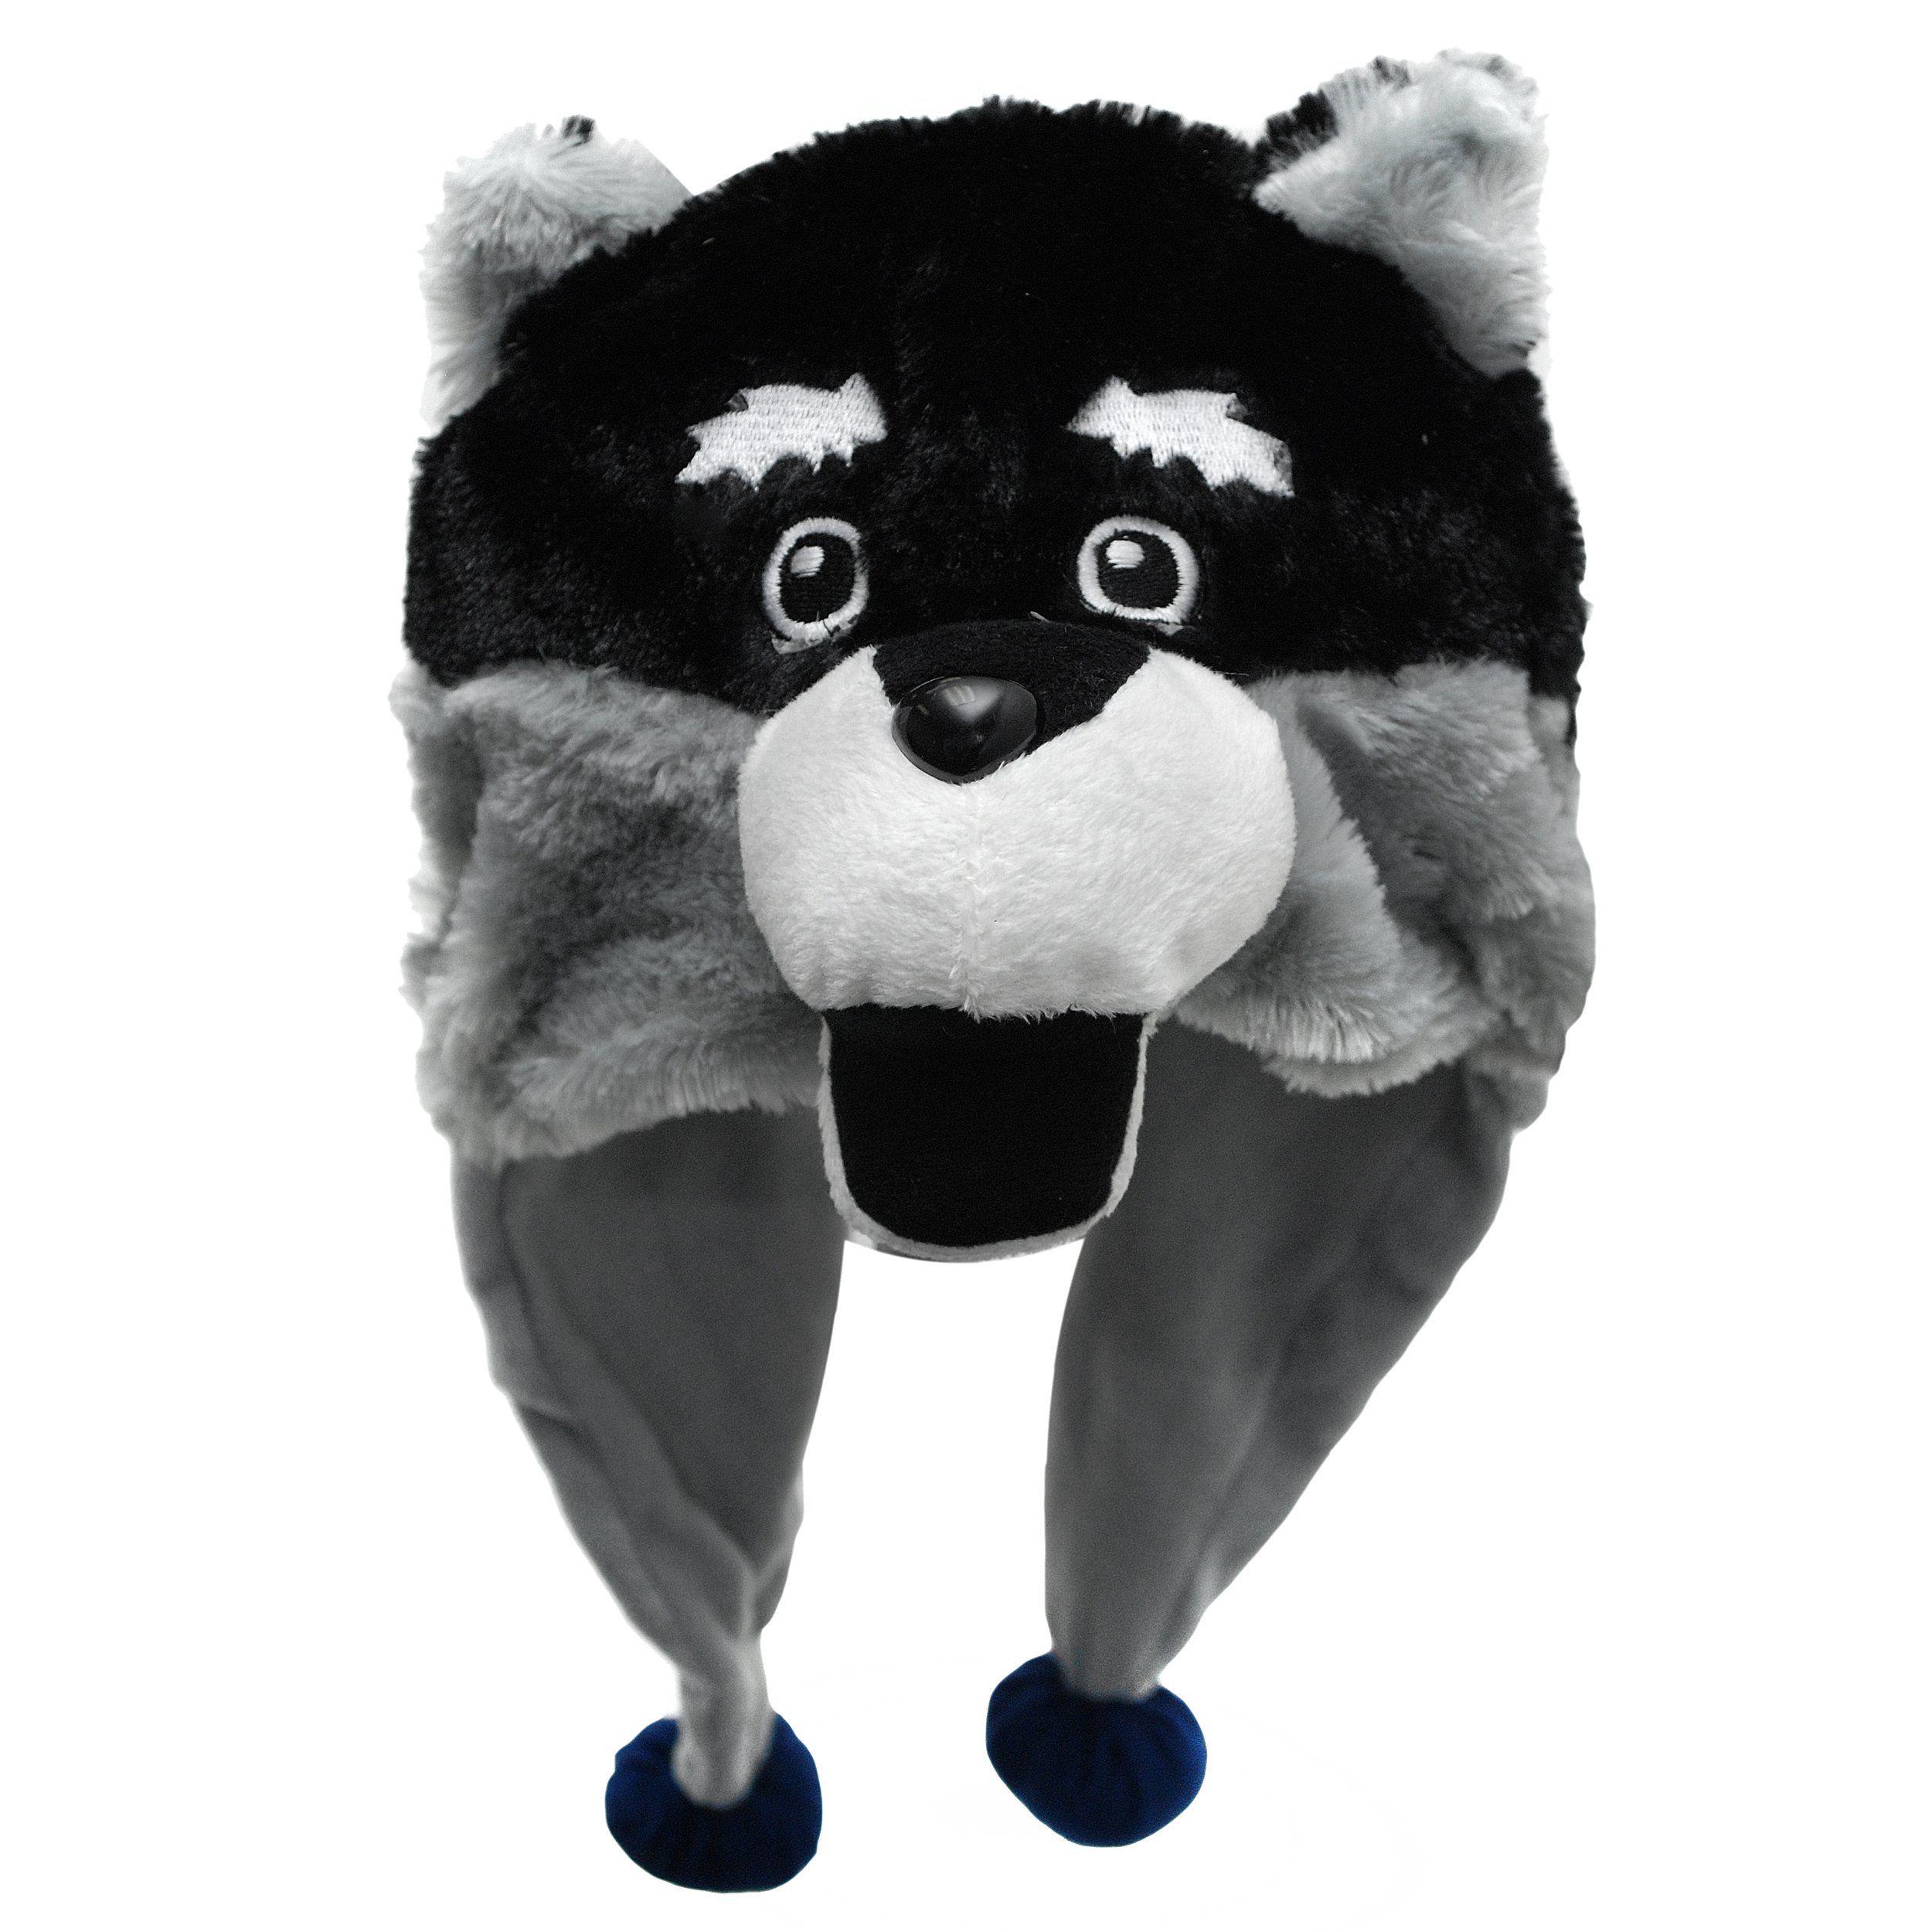 Ncaa washington huskies thematic mascot dangle hat hats